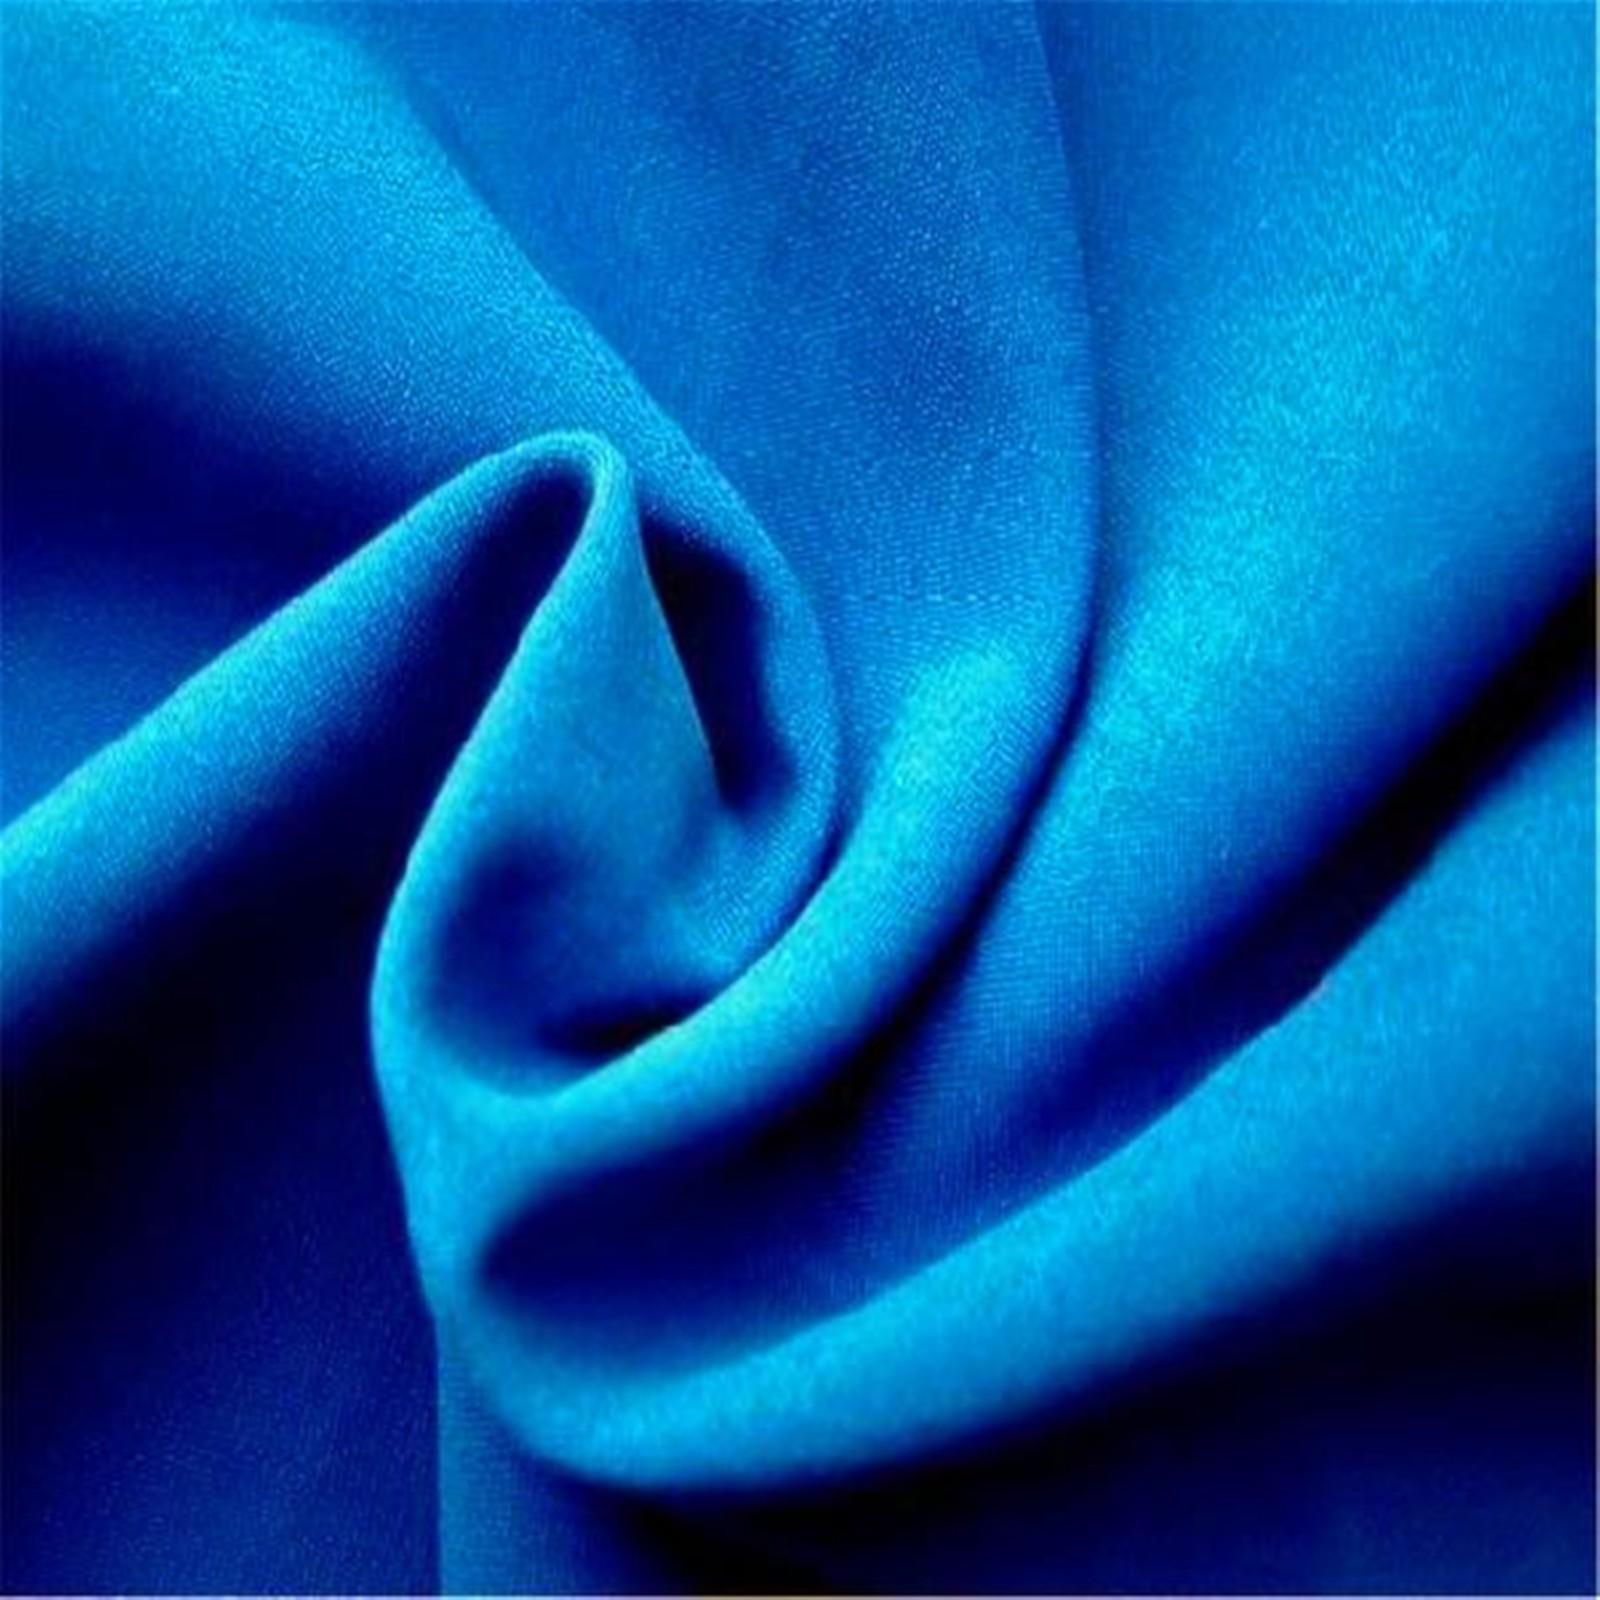 新款涤纶斜纹桃皮绒 儿童抱枕口袋面料 环保染色图片二